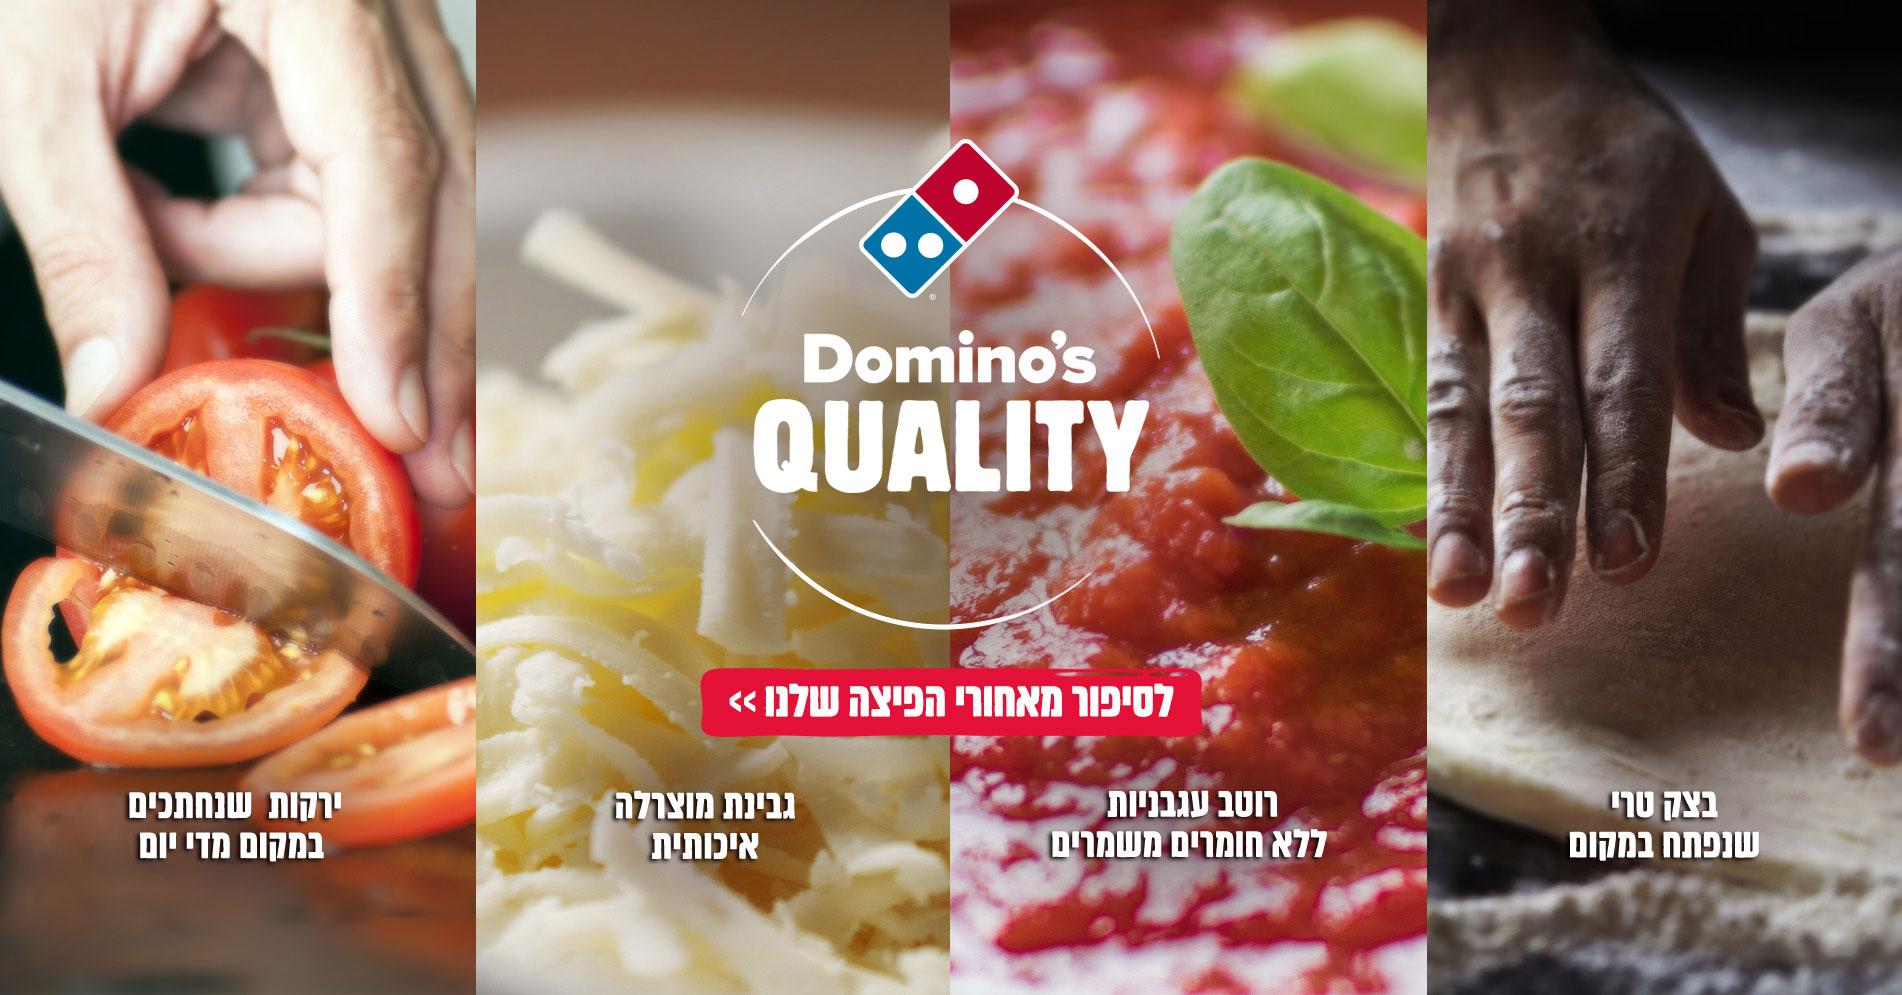 הסיפור מאחורי הפיצה שלנו